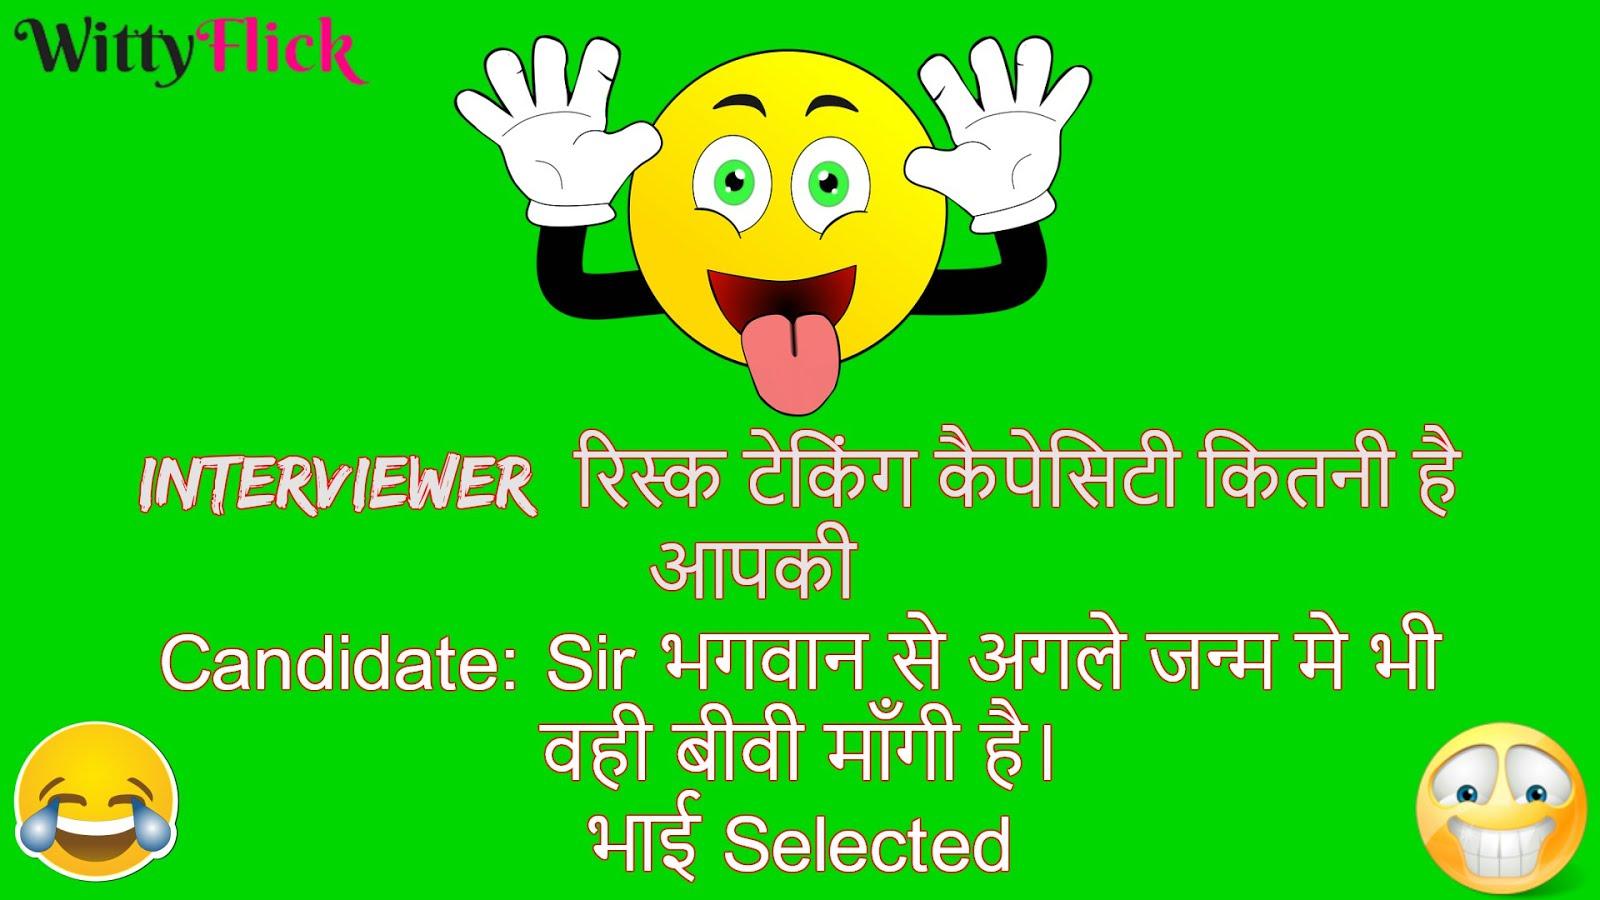 Hasband Ke Uper Jokes Hindi Me Wallpaper Bhi हद जकस